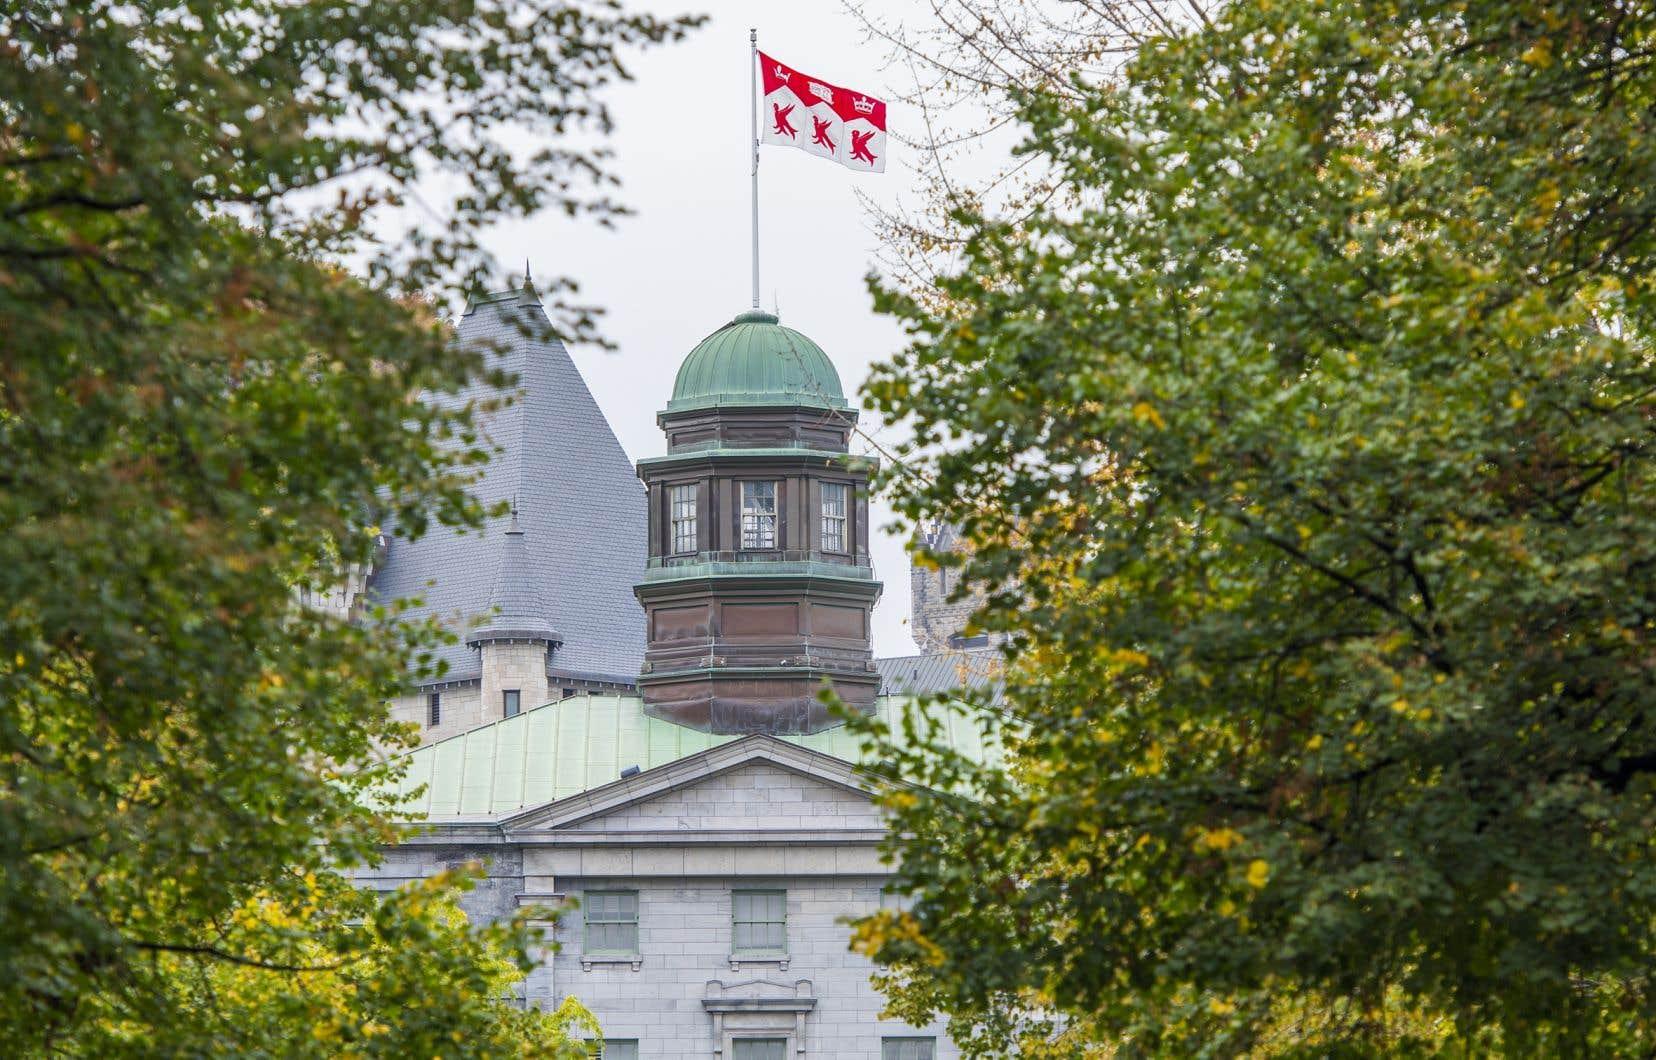 <p>Des chercheurs de l'Université McGill ont participé à la mise au point d'un test de détection précoce des cancers de l'utérus et de l'ovaire.</p>